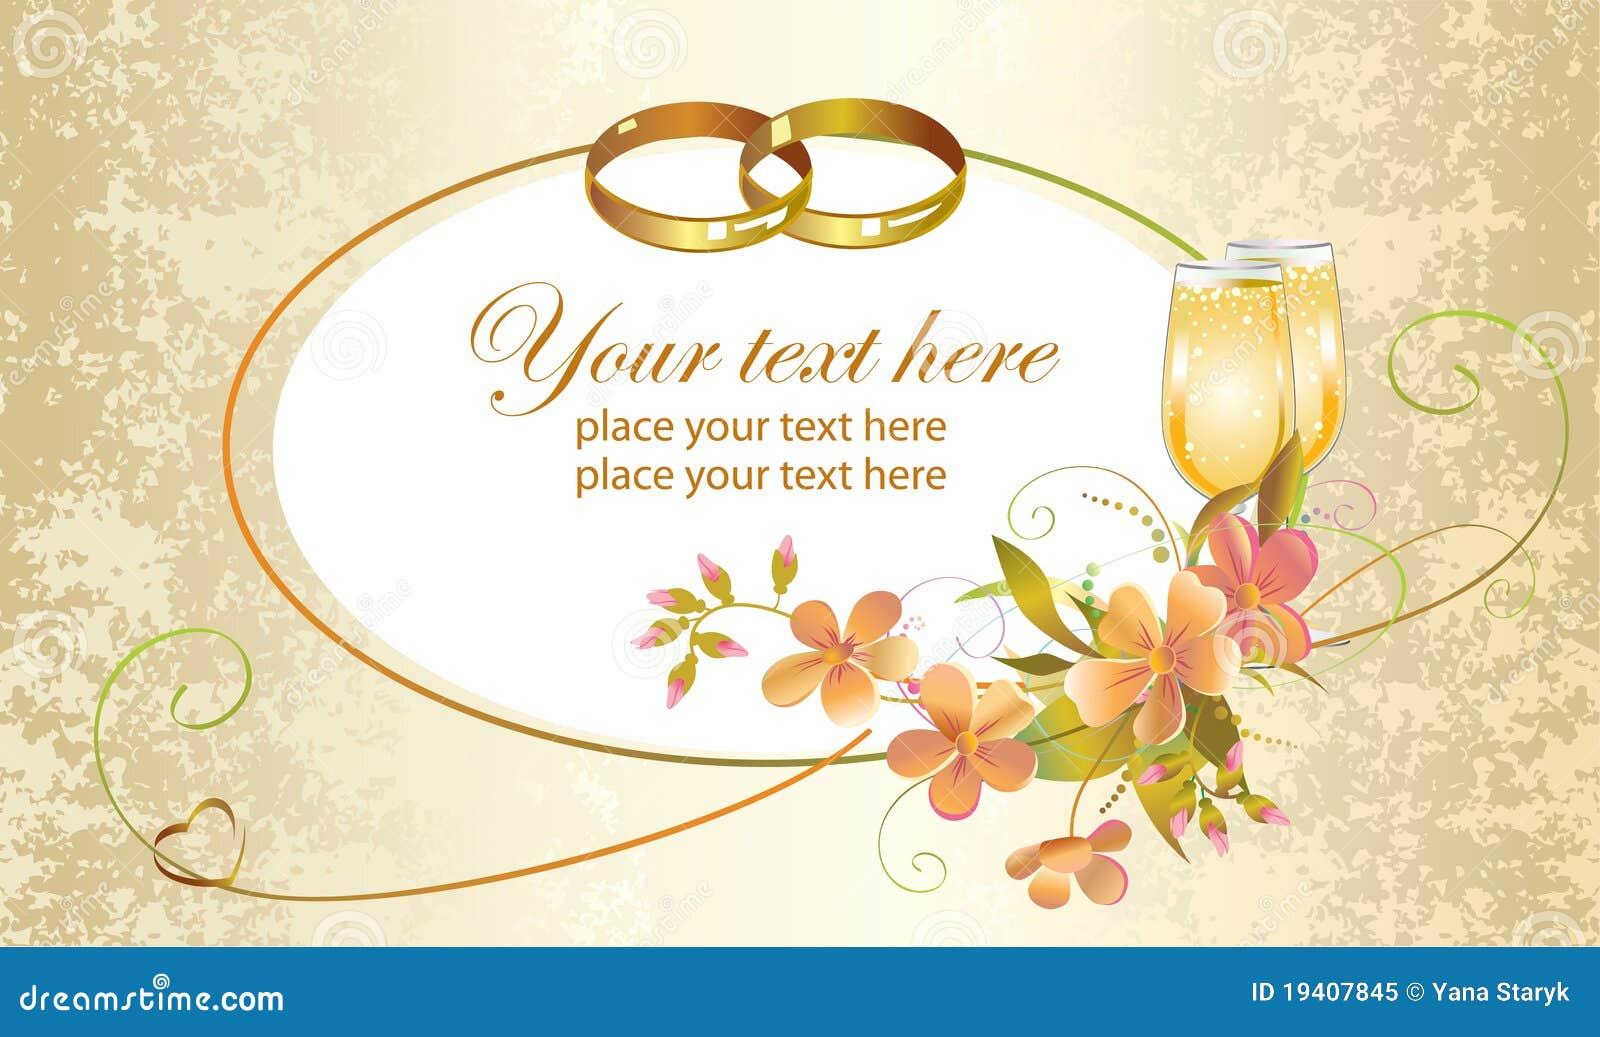 Hochzeitskarte Mit Ringen Vektor Abbildung Illustration Von Elegant